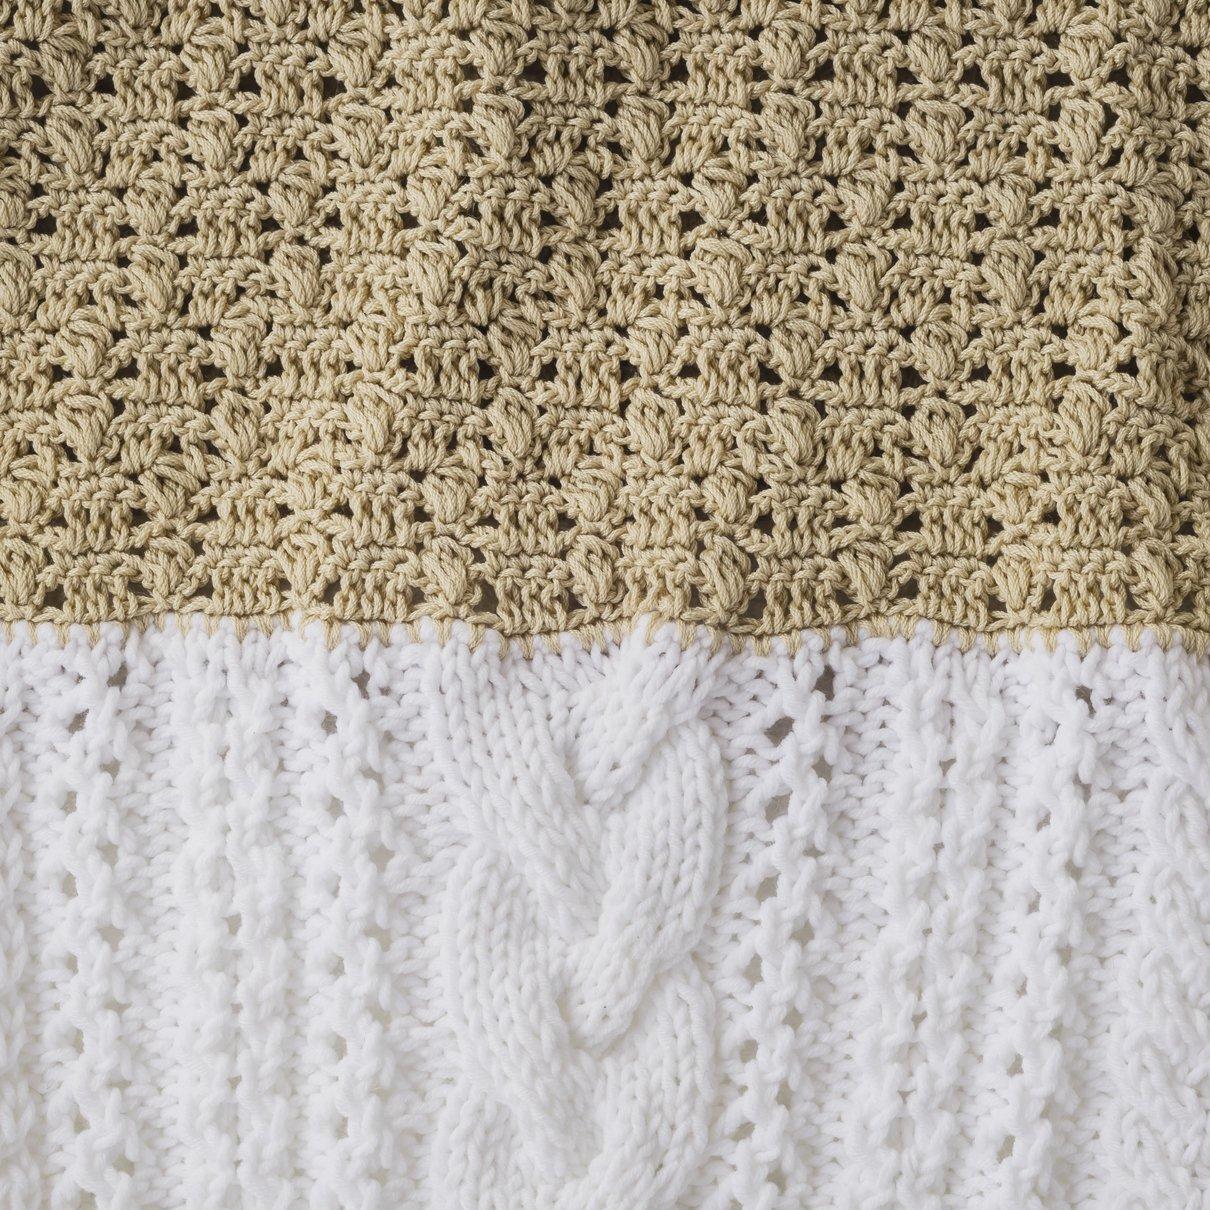 棒針とかぎ針のプルオーバー(半袖)